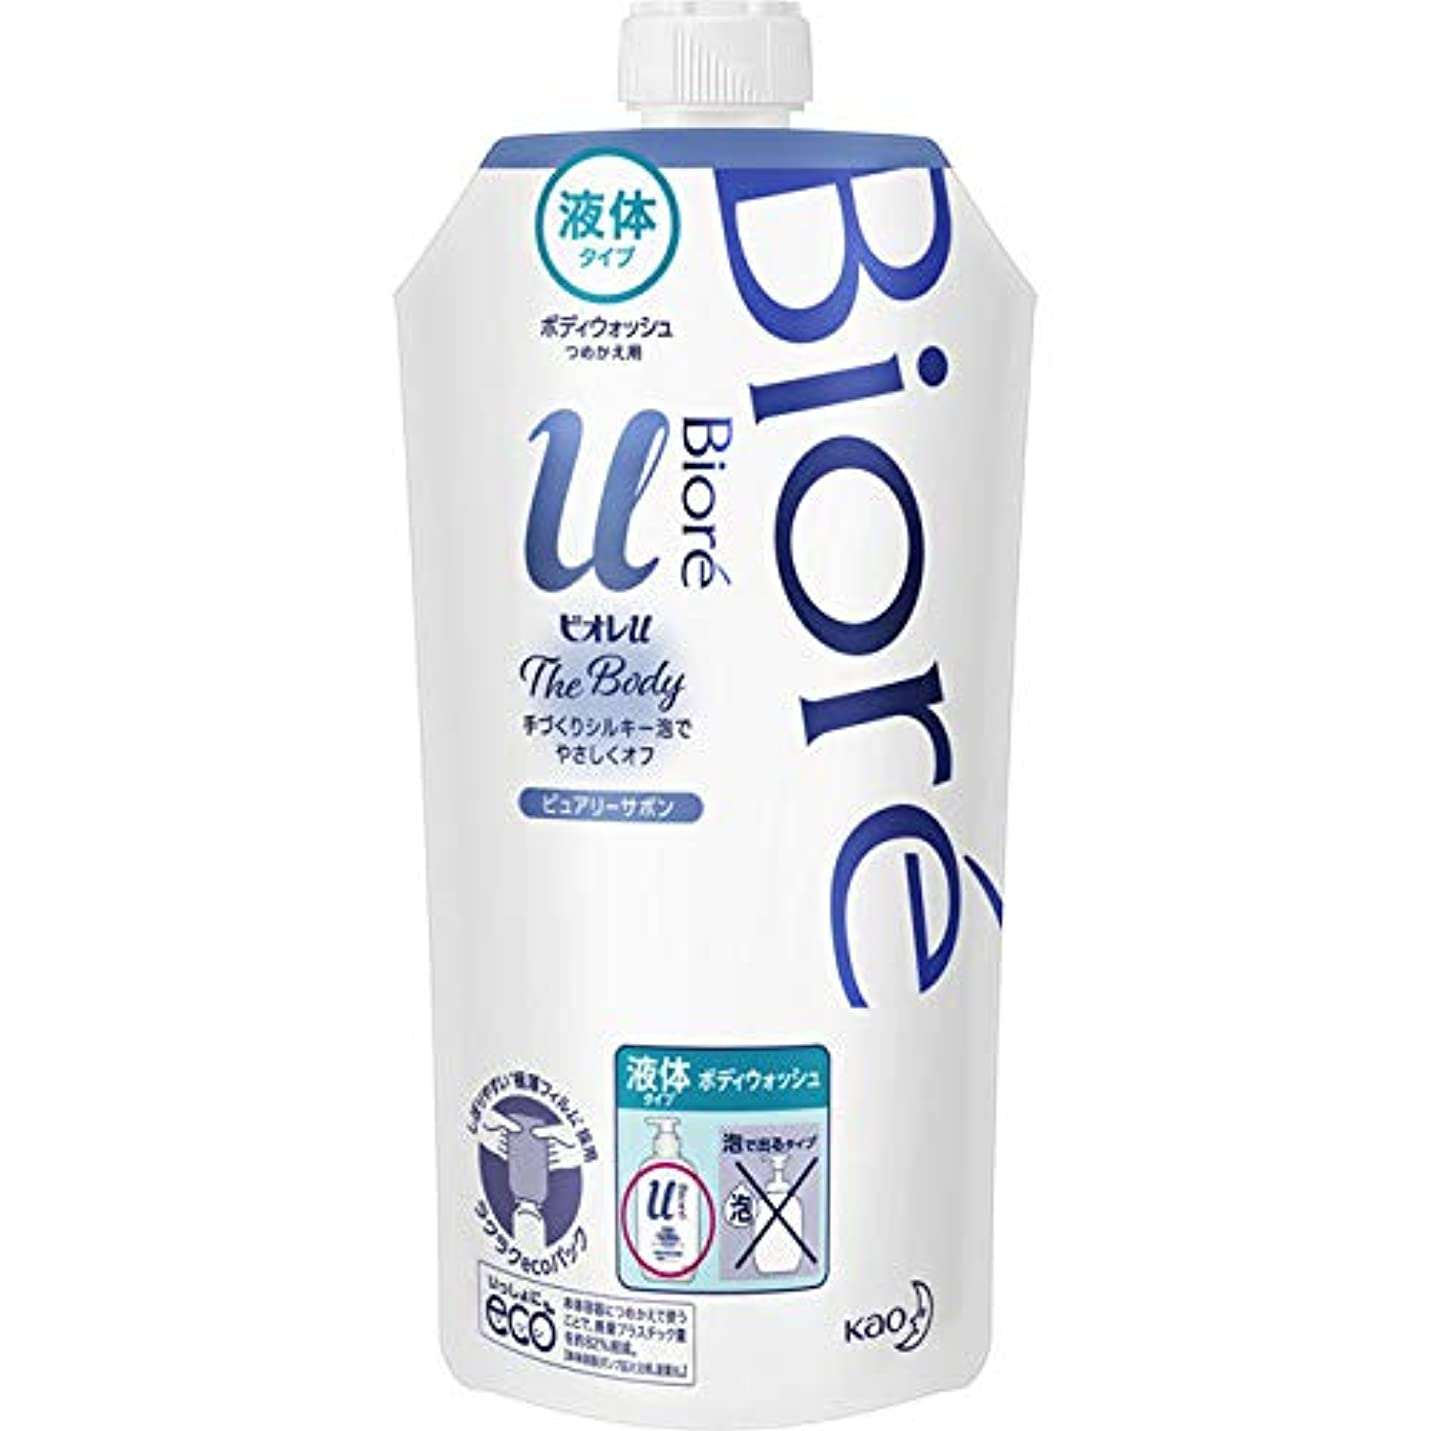 交換可能地中海満了花王 ビオレu ザ ボディ液体ピュアリーサボンの香り 詰替え用 340ml